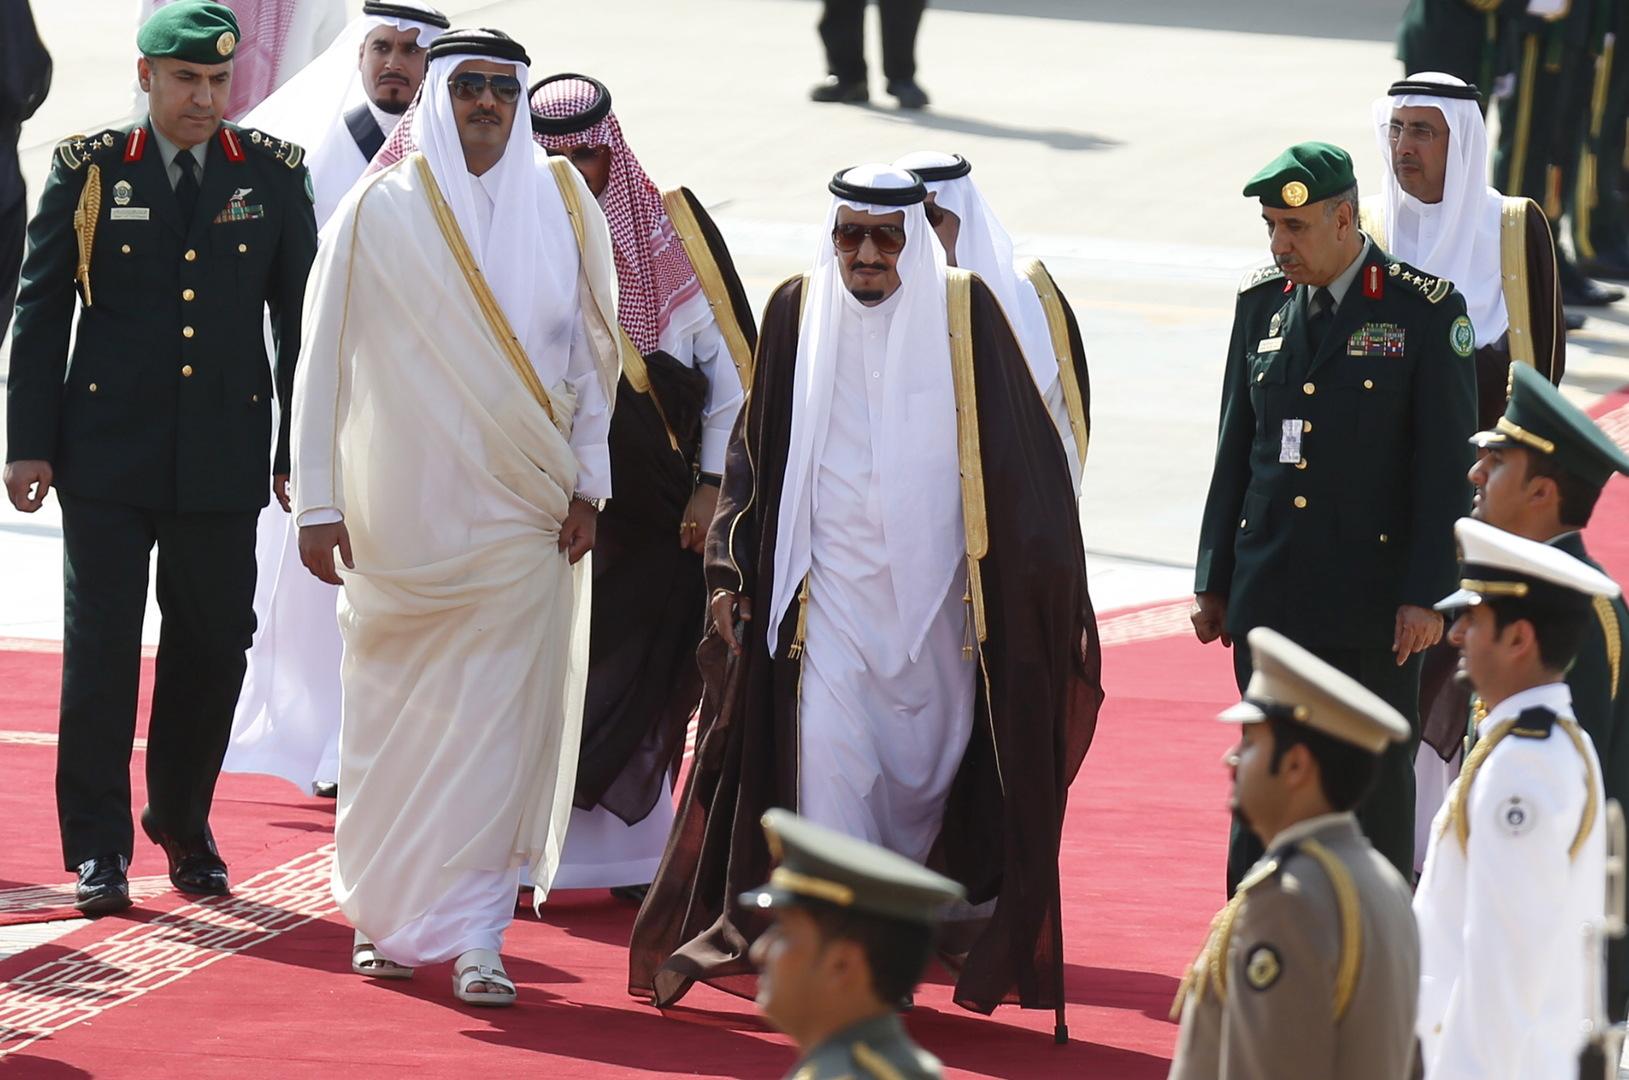 العاهل السعودي، الملك سلمان بن عبد العزيز، يستقبل أمير قطر، الشيخ تميم بن حمج آل ثاني، بعد وصوله إلى الرياض للمشاركة في القمة العربية الأمريكية (10 نوفمبر 2015).